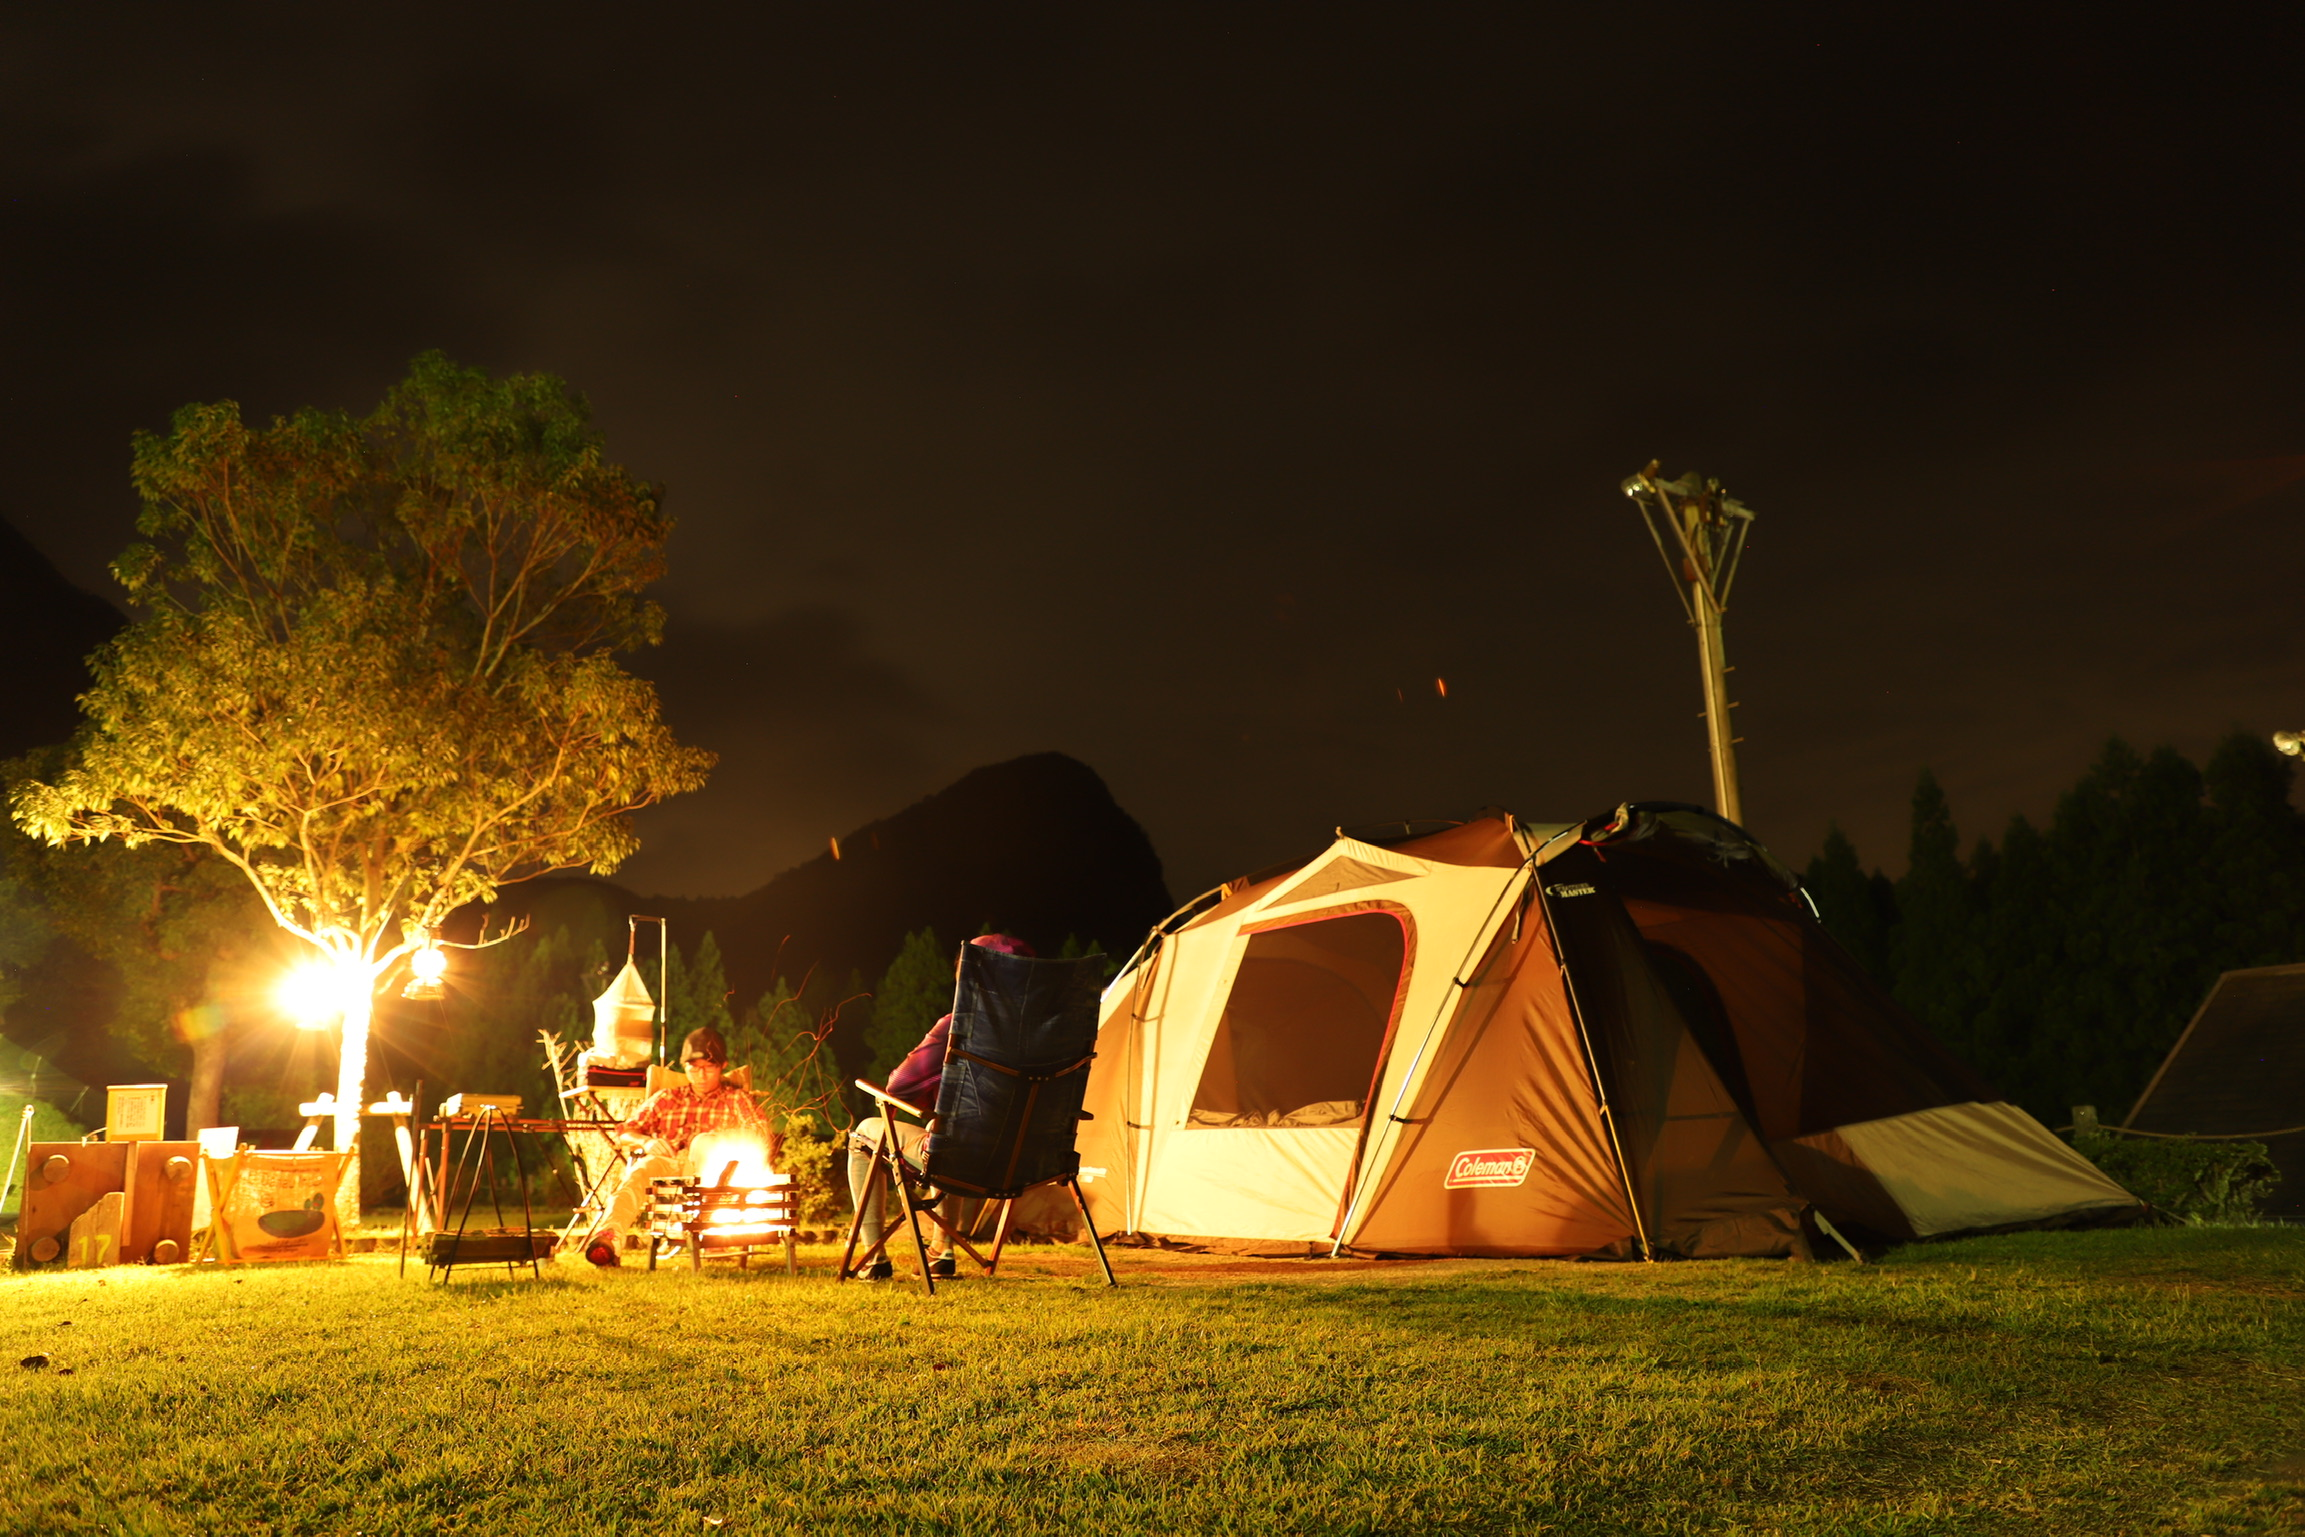 設備充実で安心キャンプ♪ サン・ビレッジ曽爾